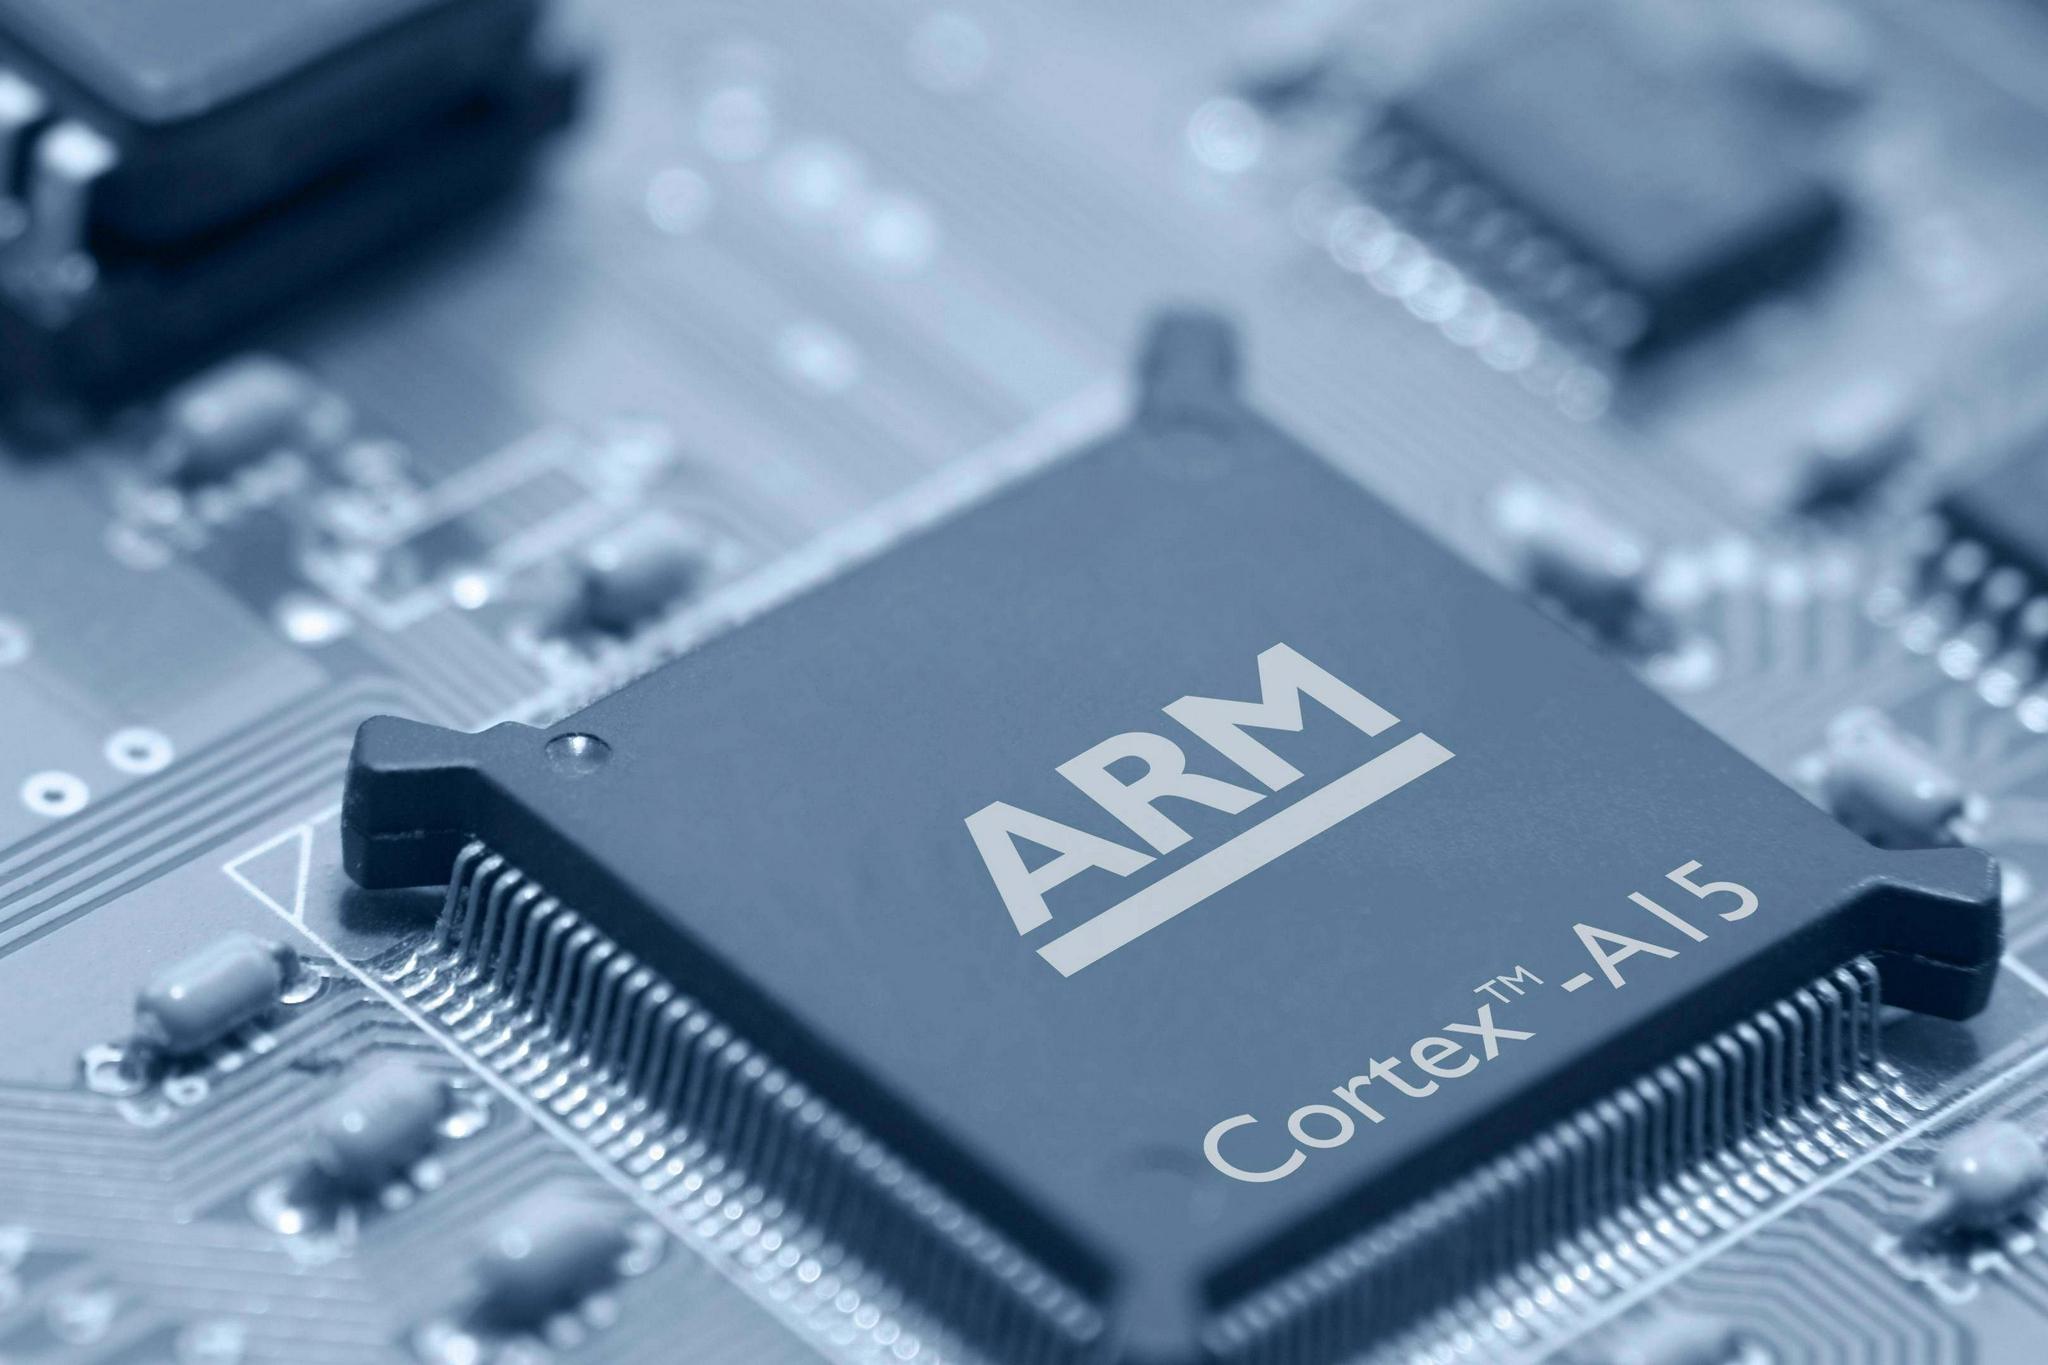 苹果再发力,X86架构的英特尔们,面对ARM似乎已无所适从